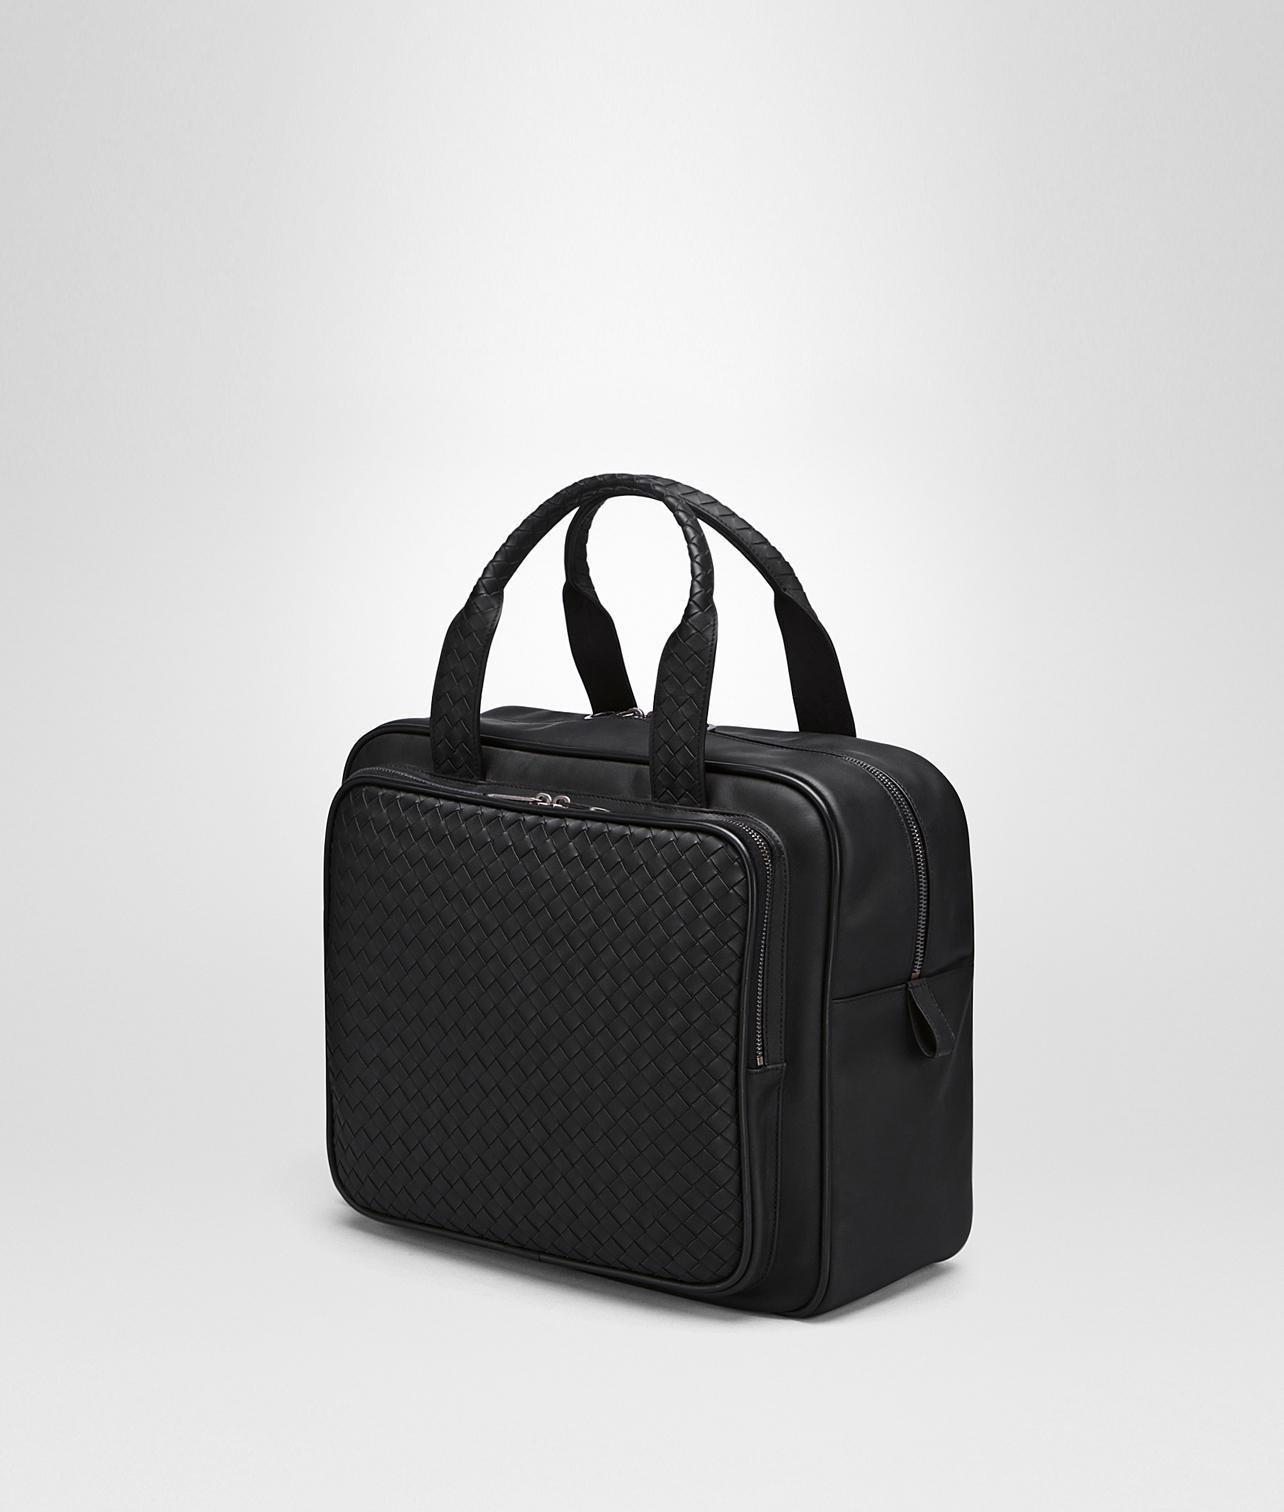 16ee49d510e2 Lyst - Bottega Veneta Briefcase In Nero Intrecciato Vn in Black for Men